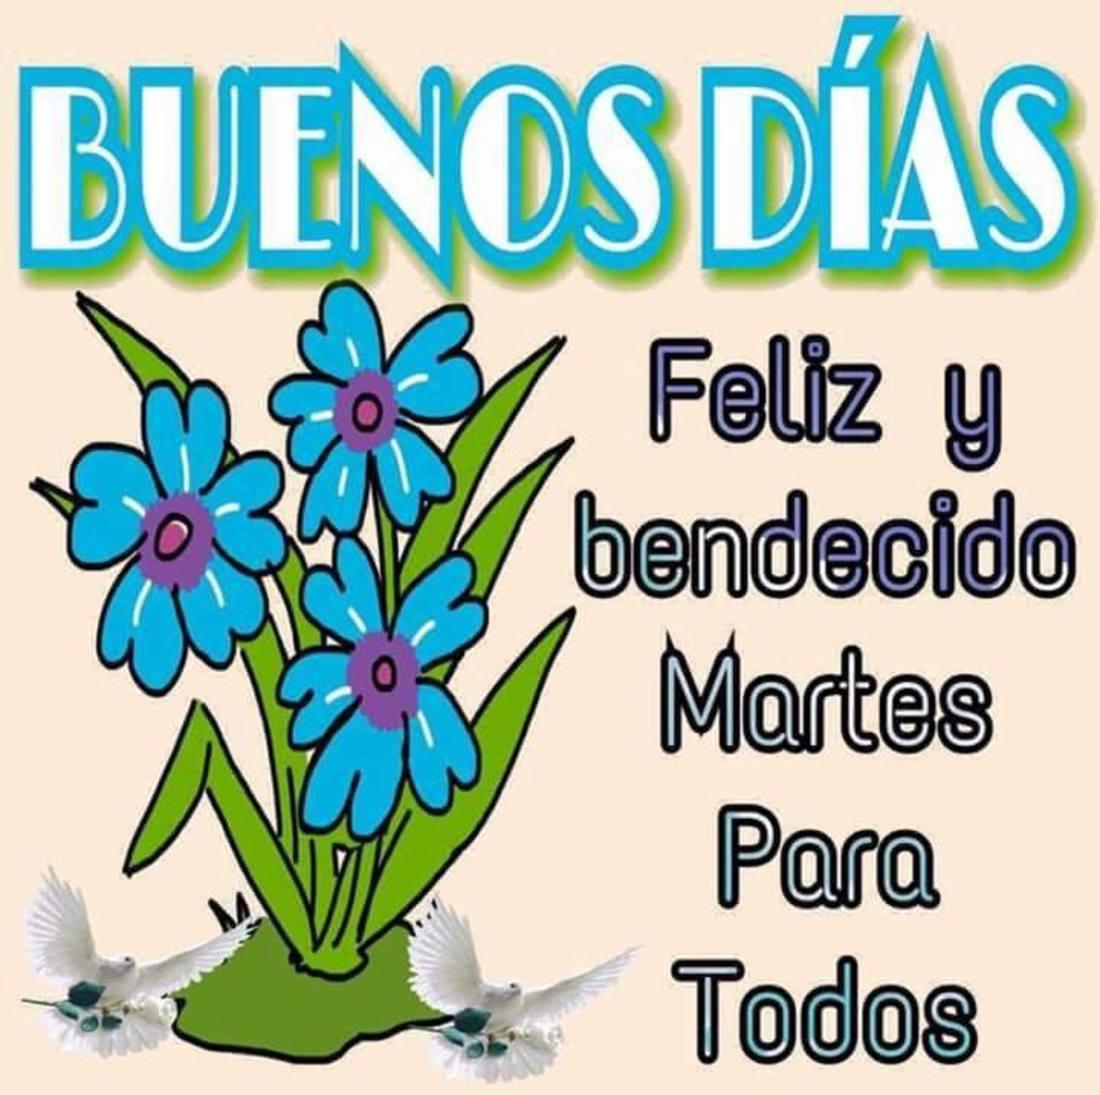 Buenos días feliz y bendecido martes para todos